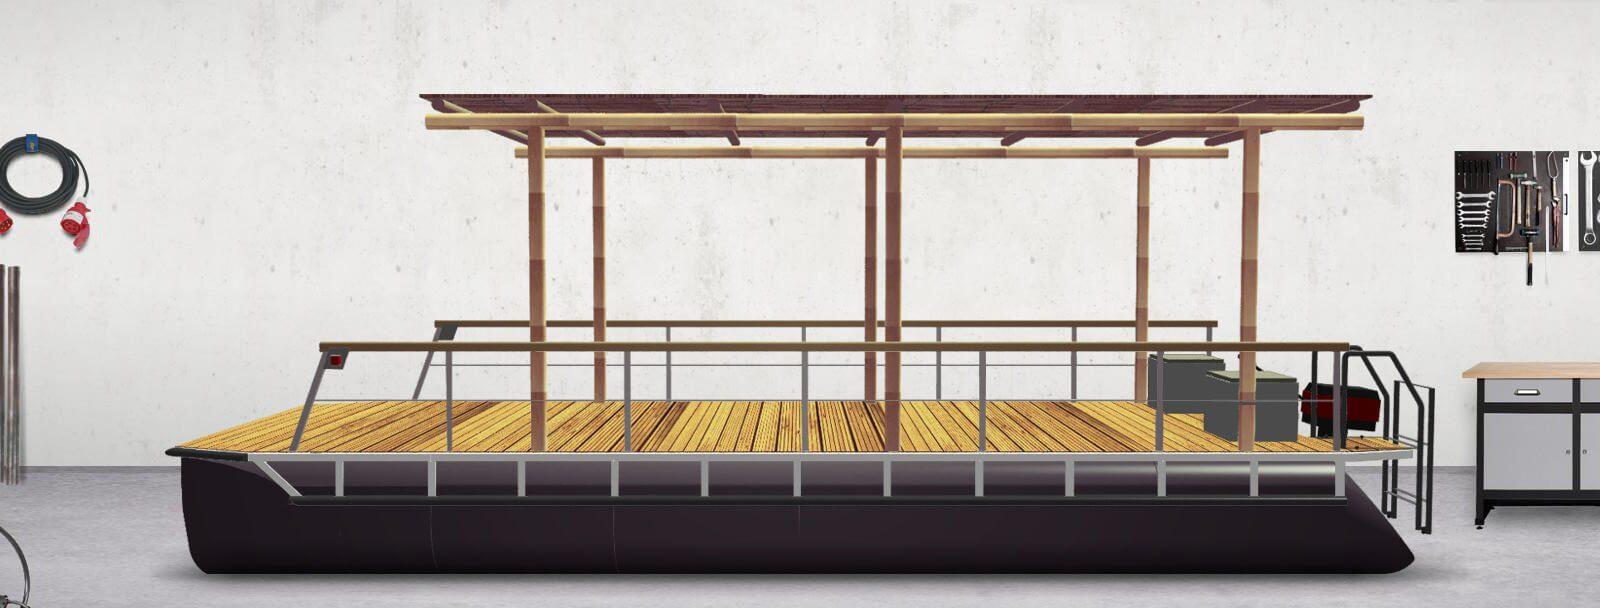 Pontonboot mit Flachdach (komplett montiert)